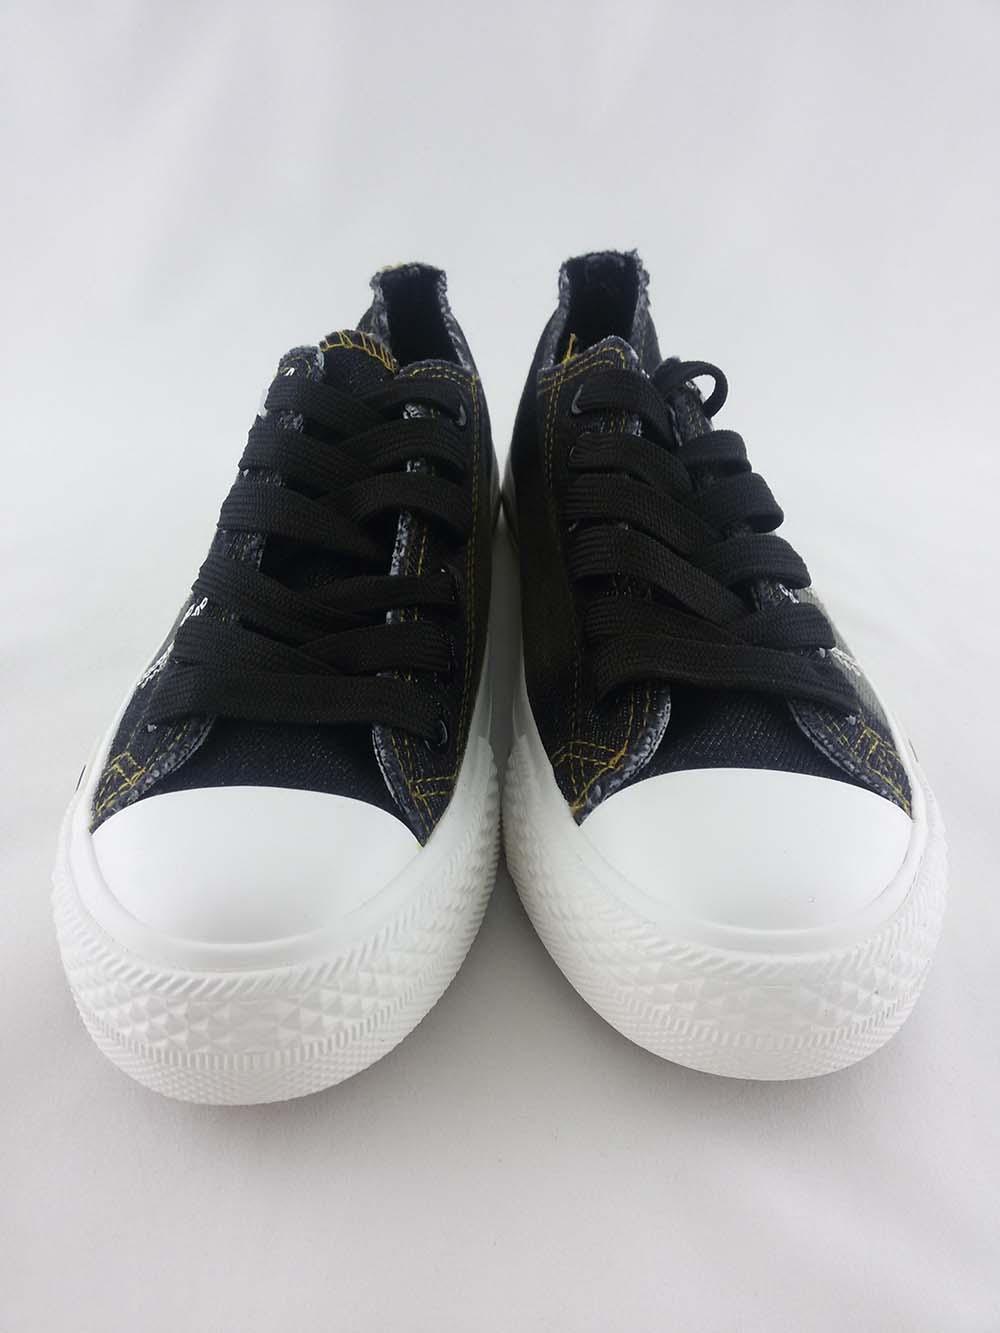 17b2f5f6 туфли для активного отдыха М.Мичи от интернет-магазина Сандалики в  Екатеринбурге